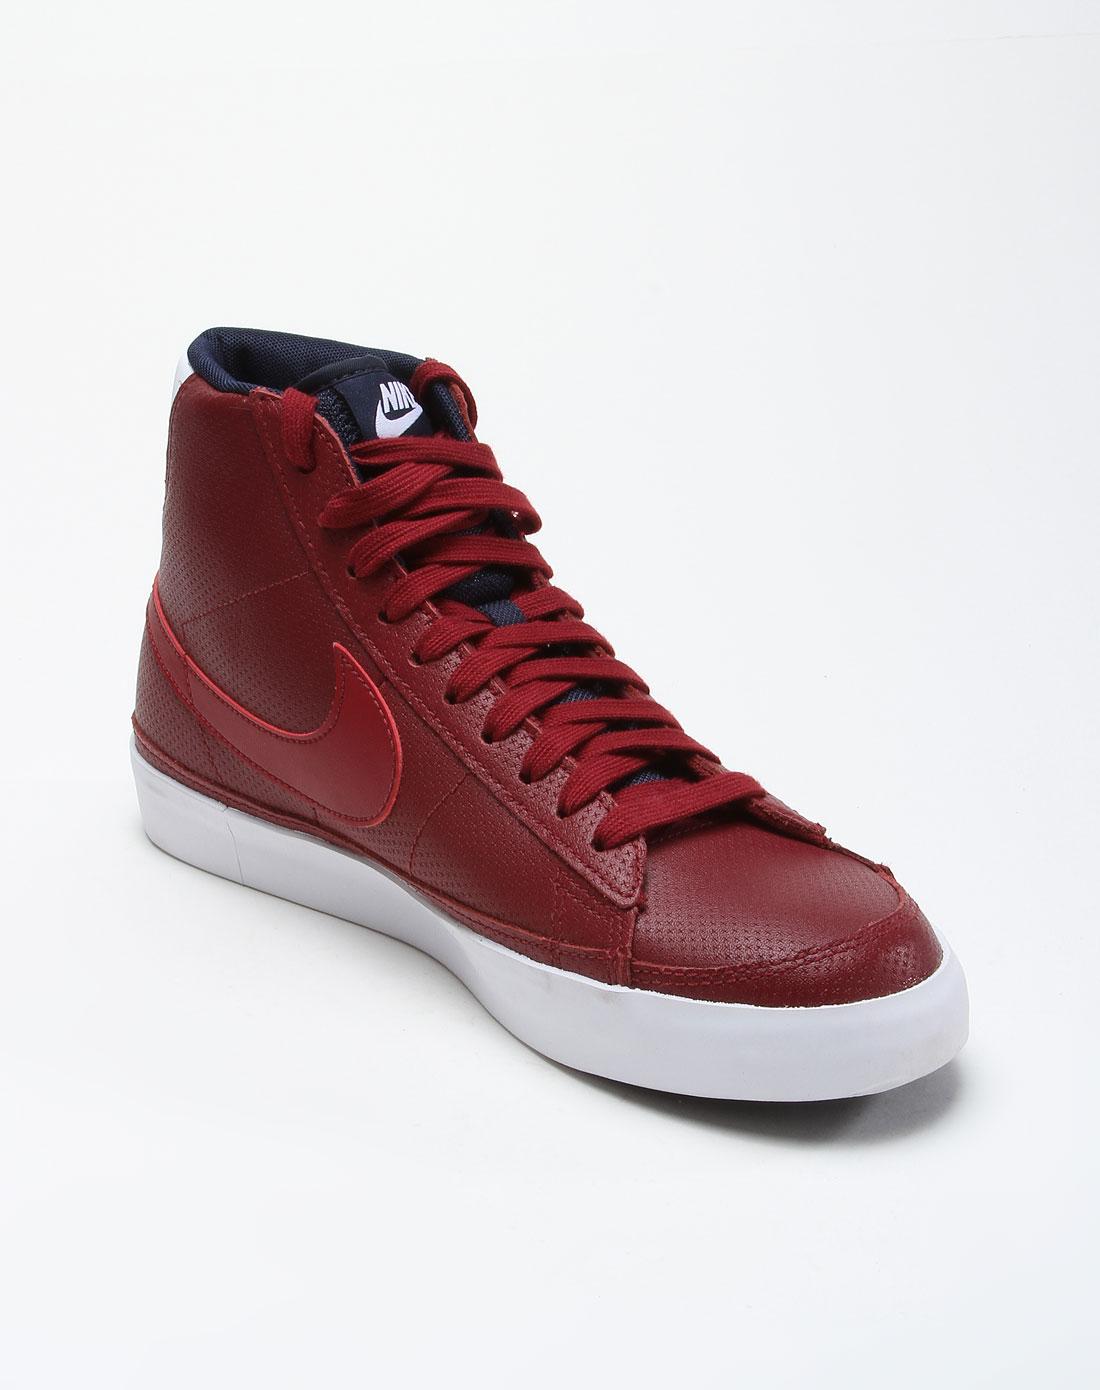 【耐克男款运动鞋】价格 图片 品牌 怎么样 京东商城